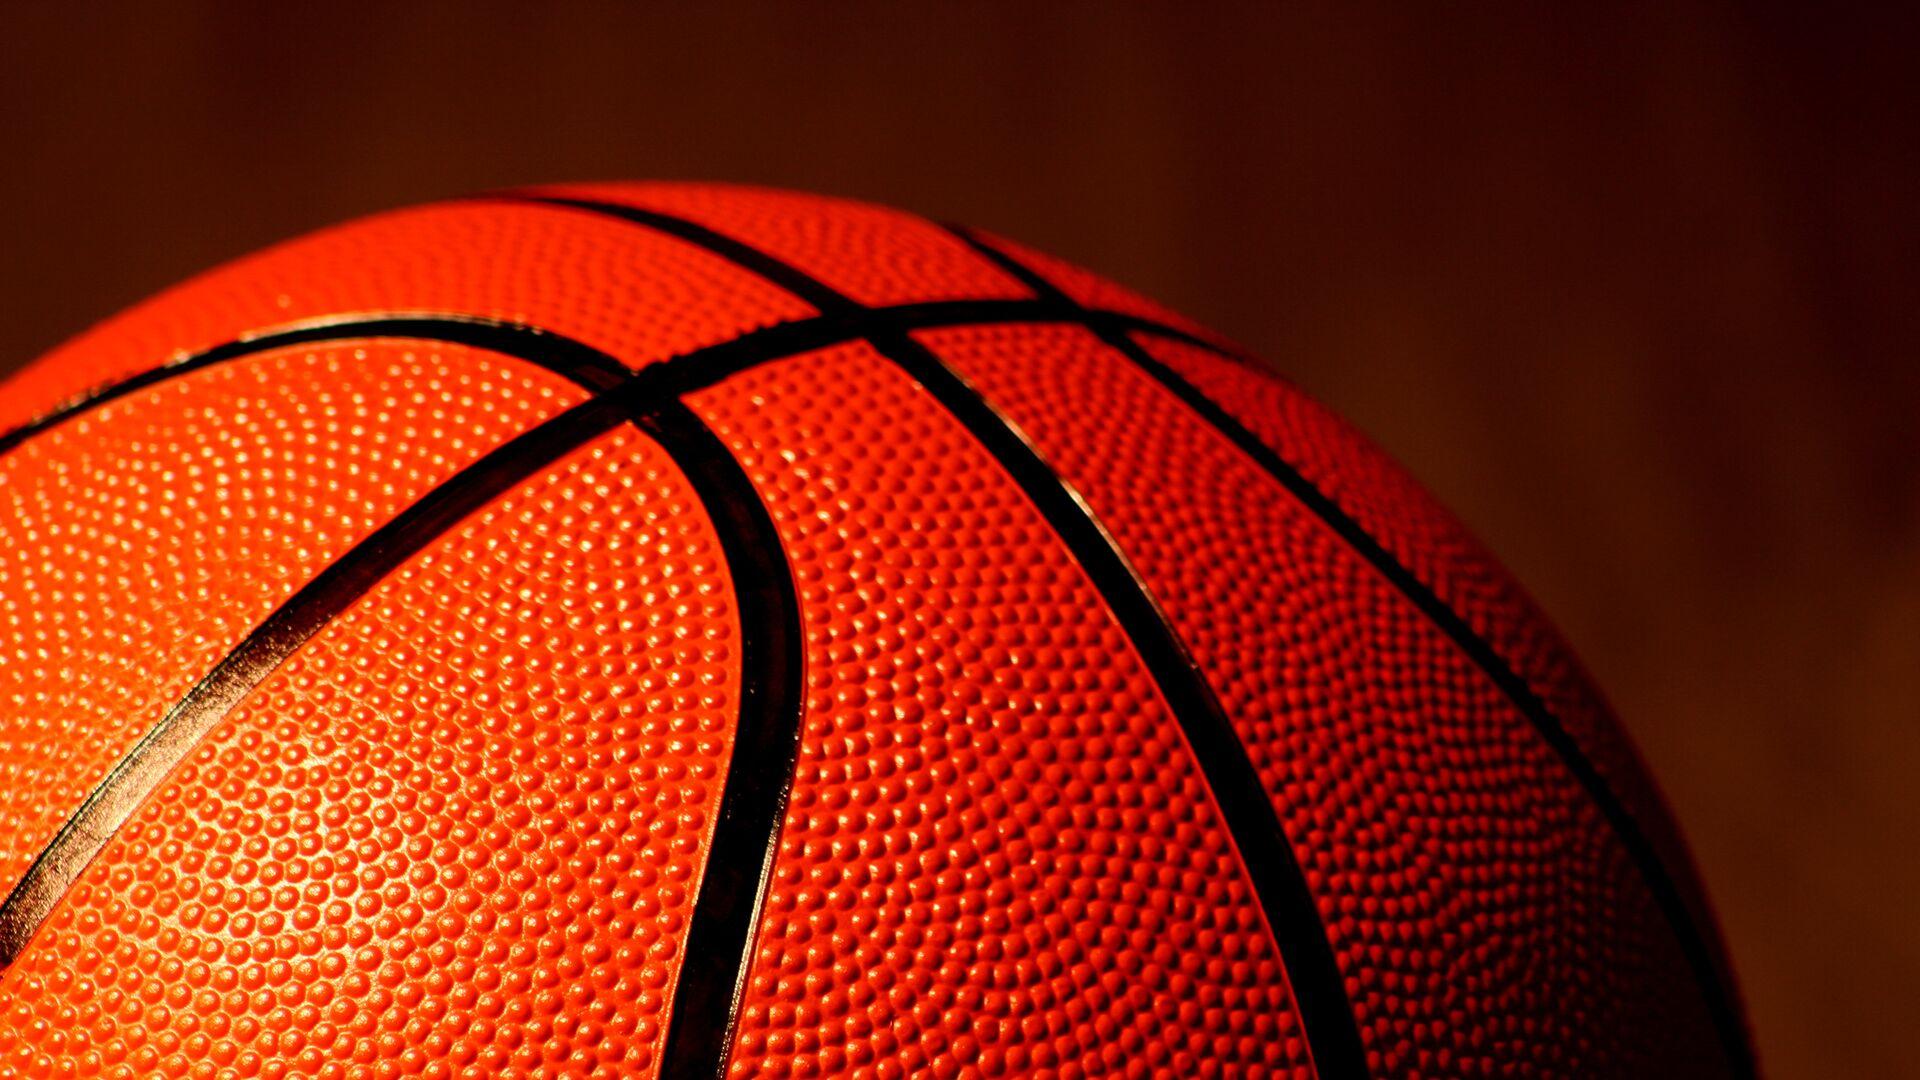 Баскетбольный мяч. - РИА Новости, 1920, 29.05.2021